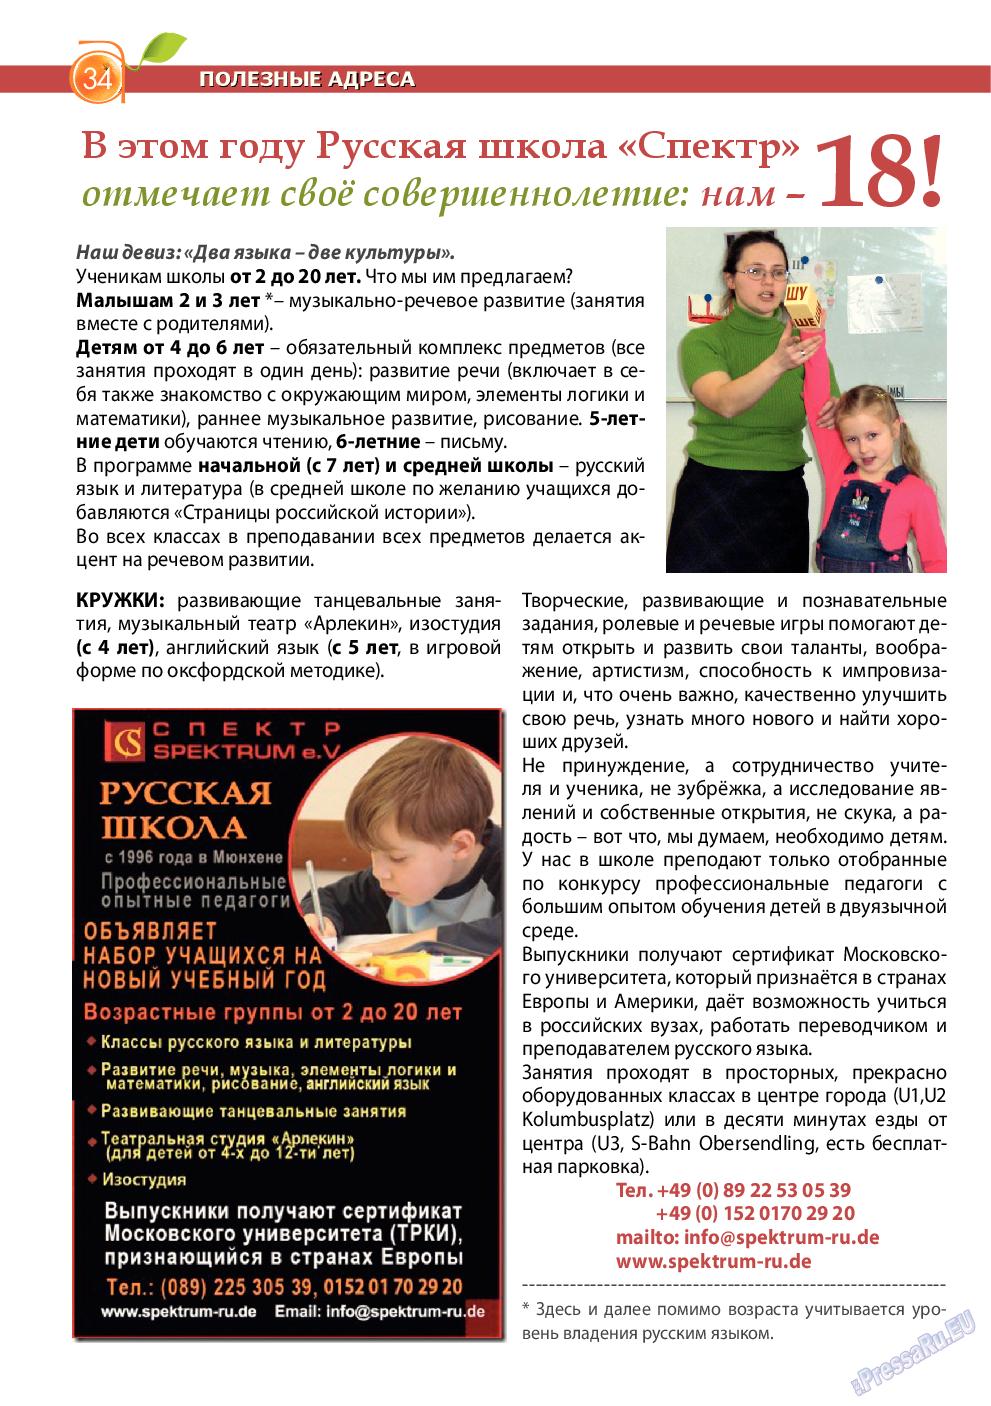 Апельсин (журнал). 2014 год, номер 62, стр. 34